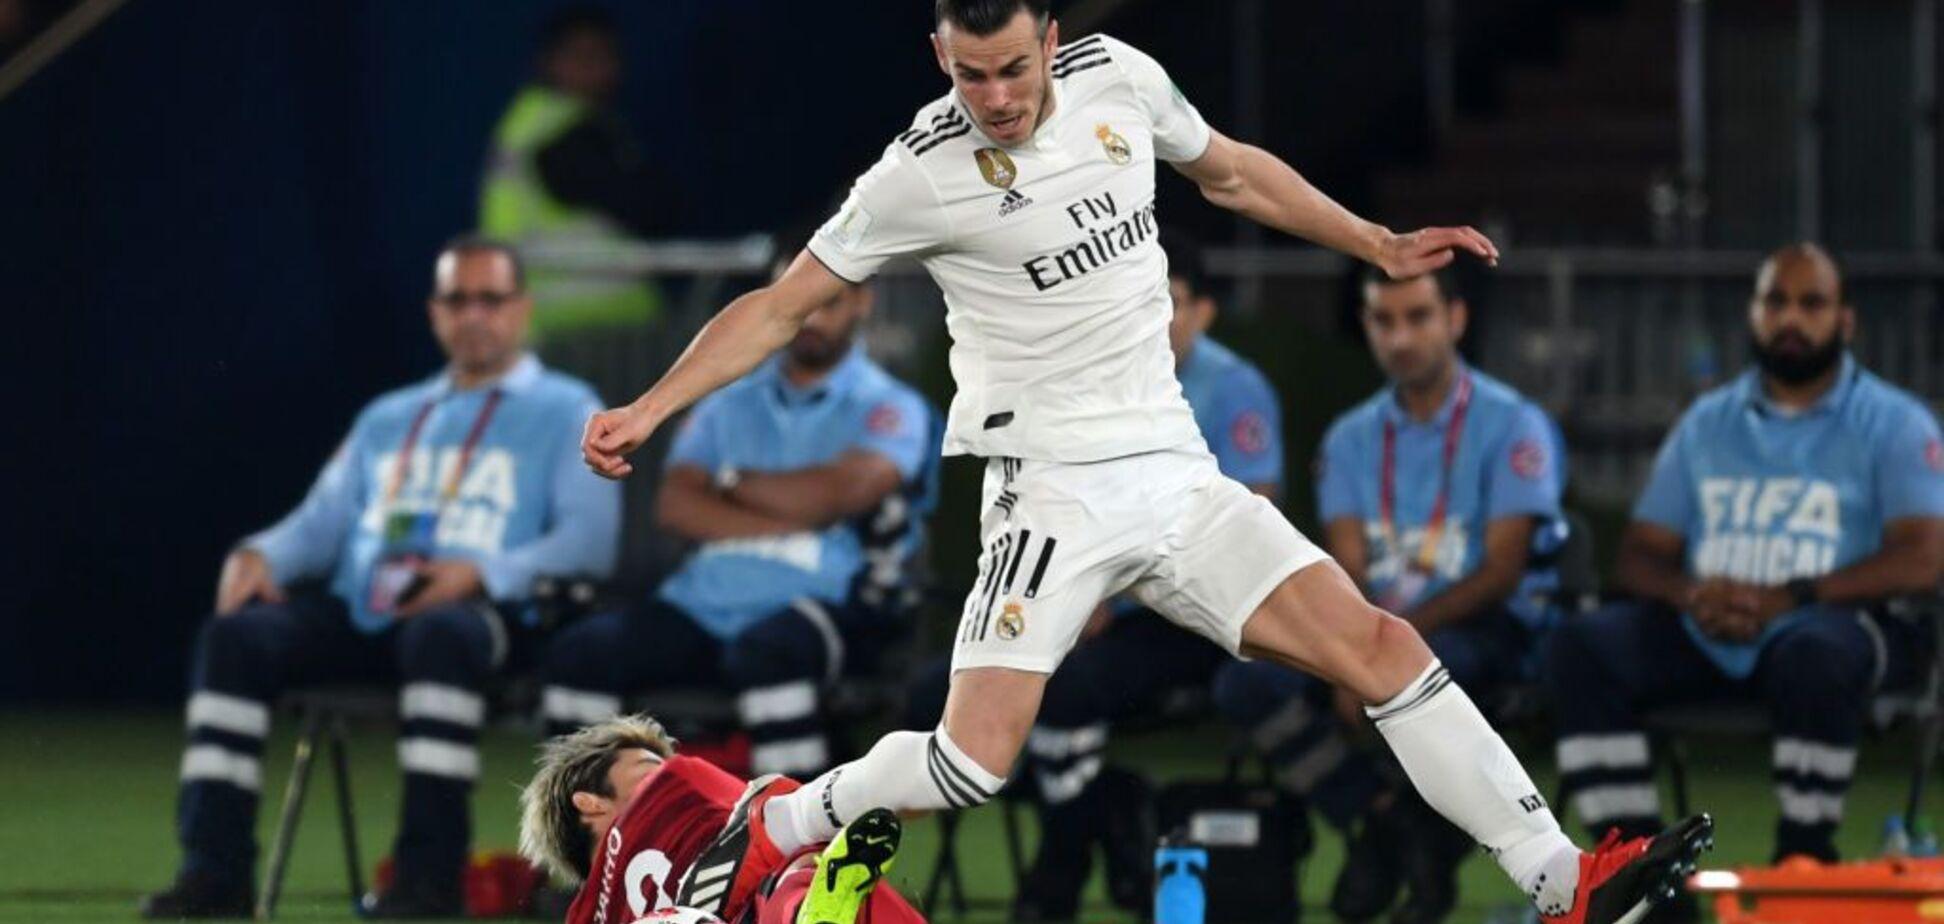 'Реал Мадрид' вышел в финал клубного чемпионата мира